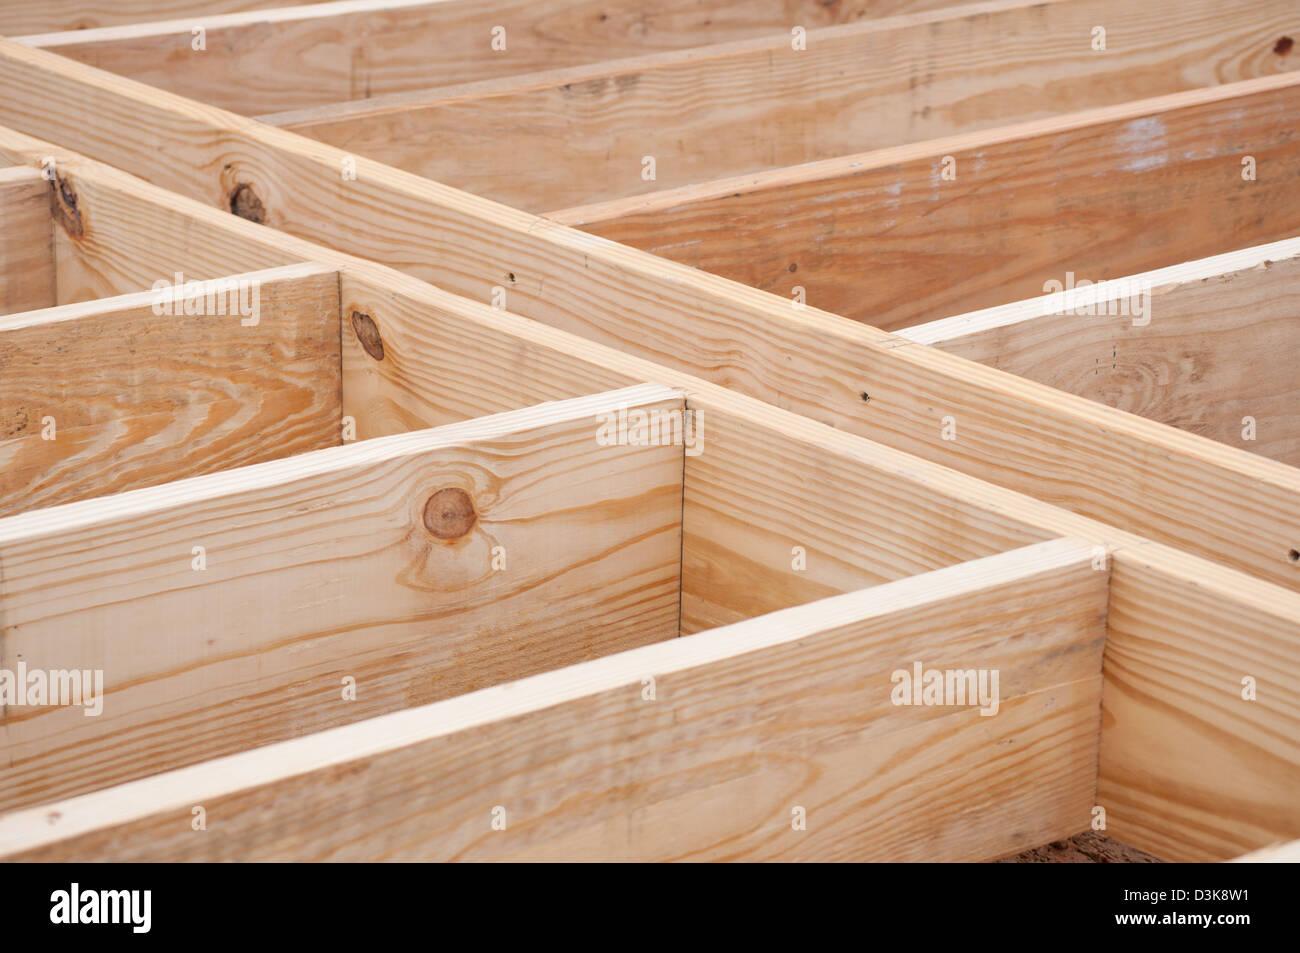 Poutrelles de plancher fait de bois on construction site Photo Stock